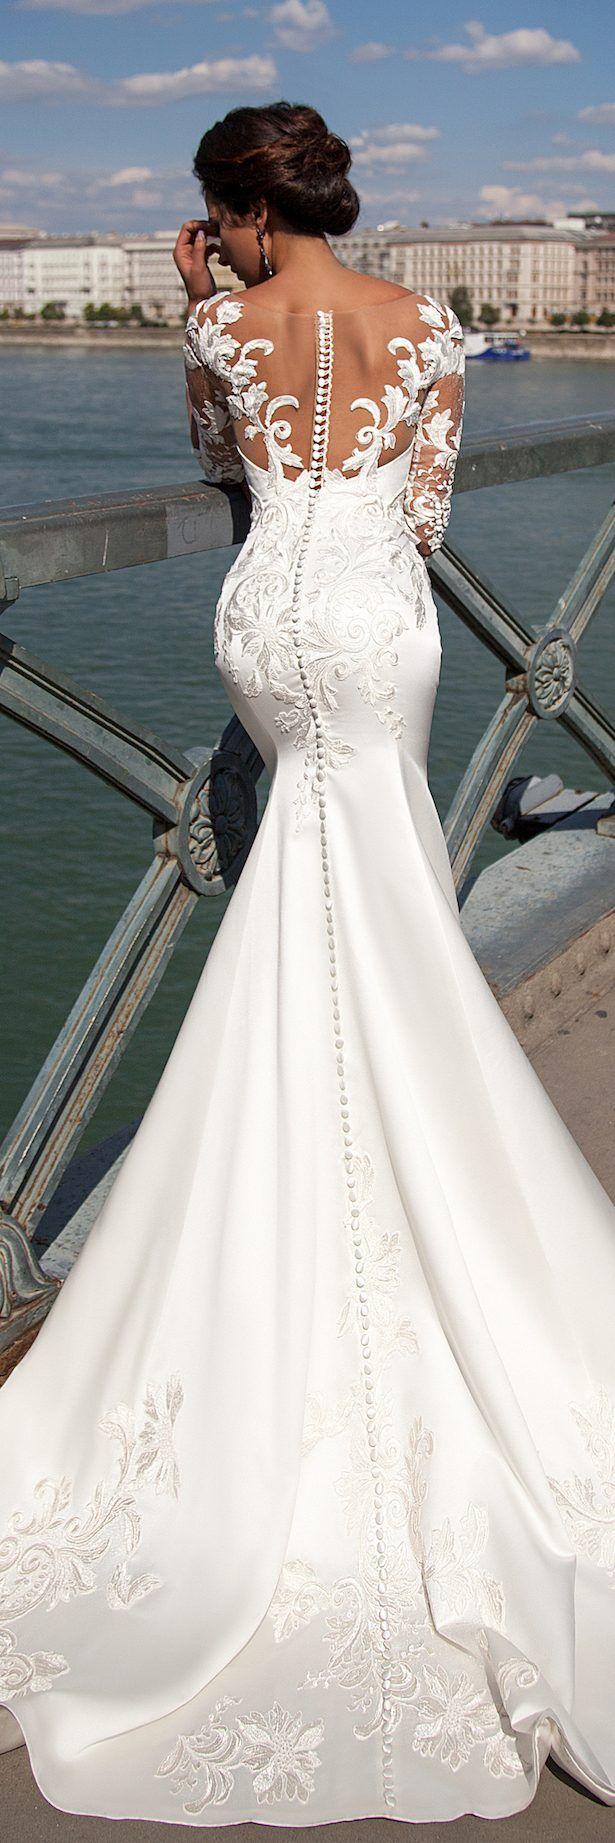 Meerjungfrau Brautkleid: Das 50 sind die schönsten   Wedding dress ...